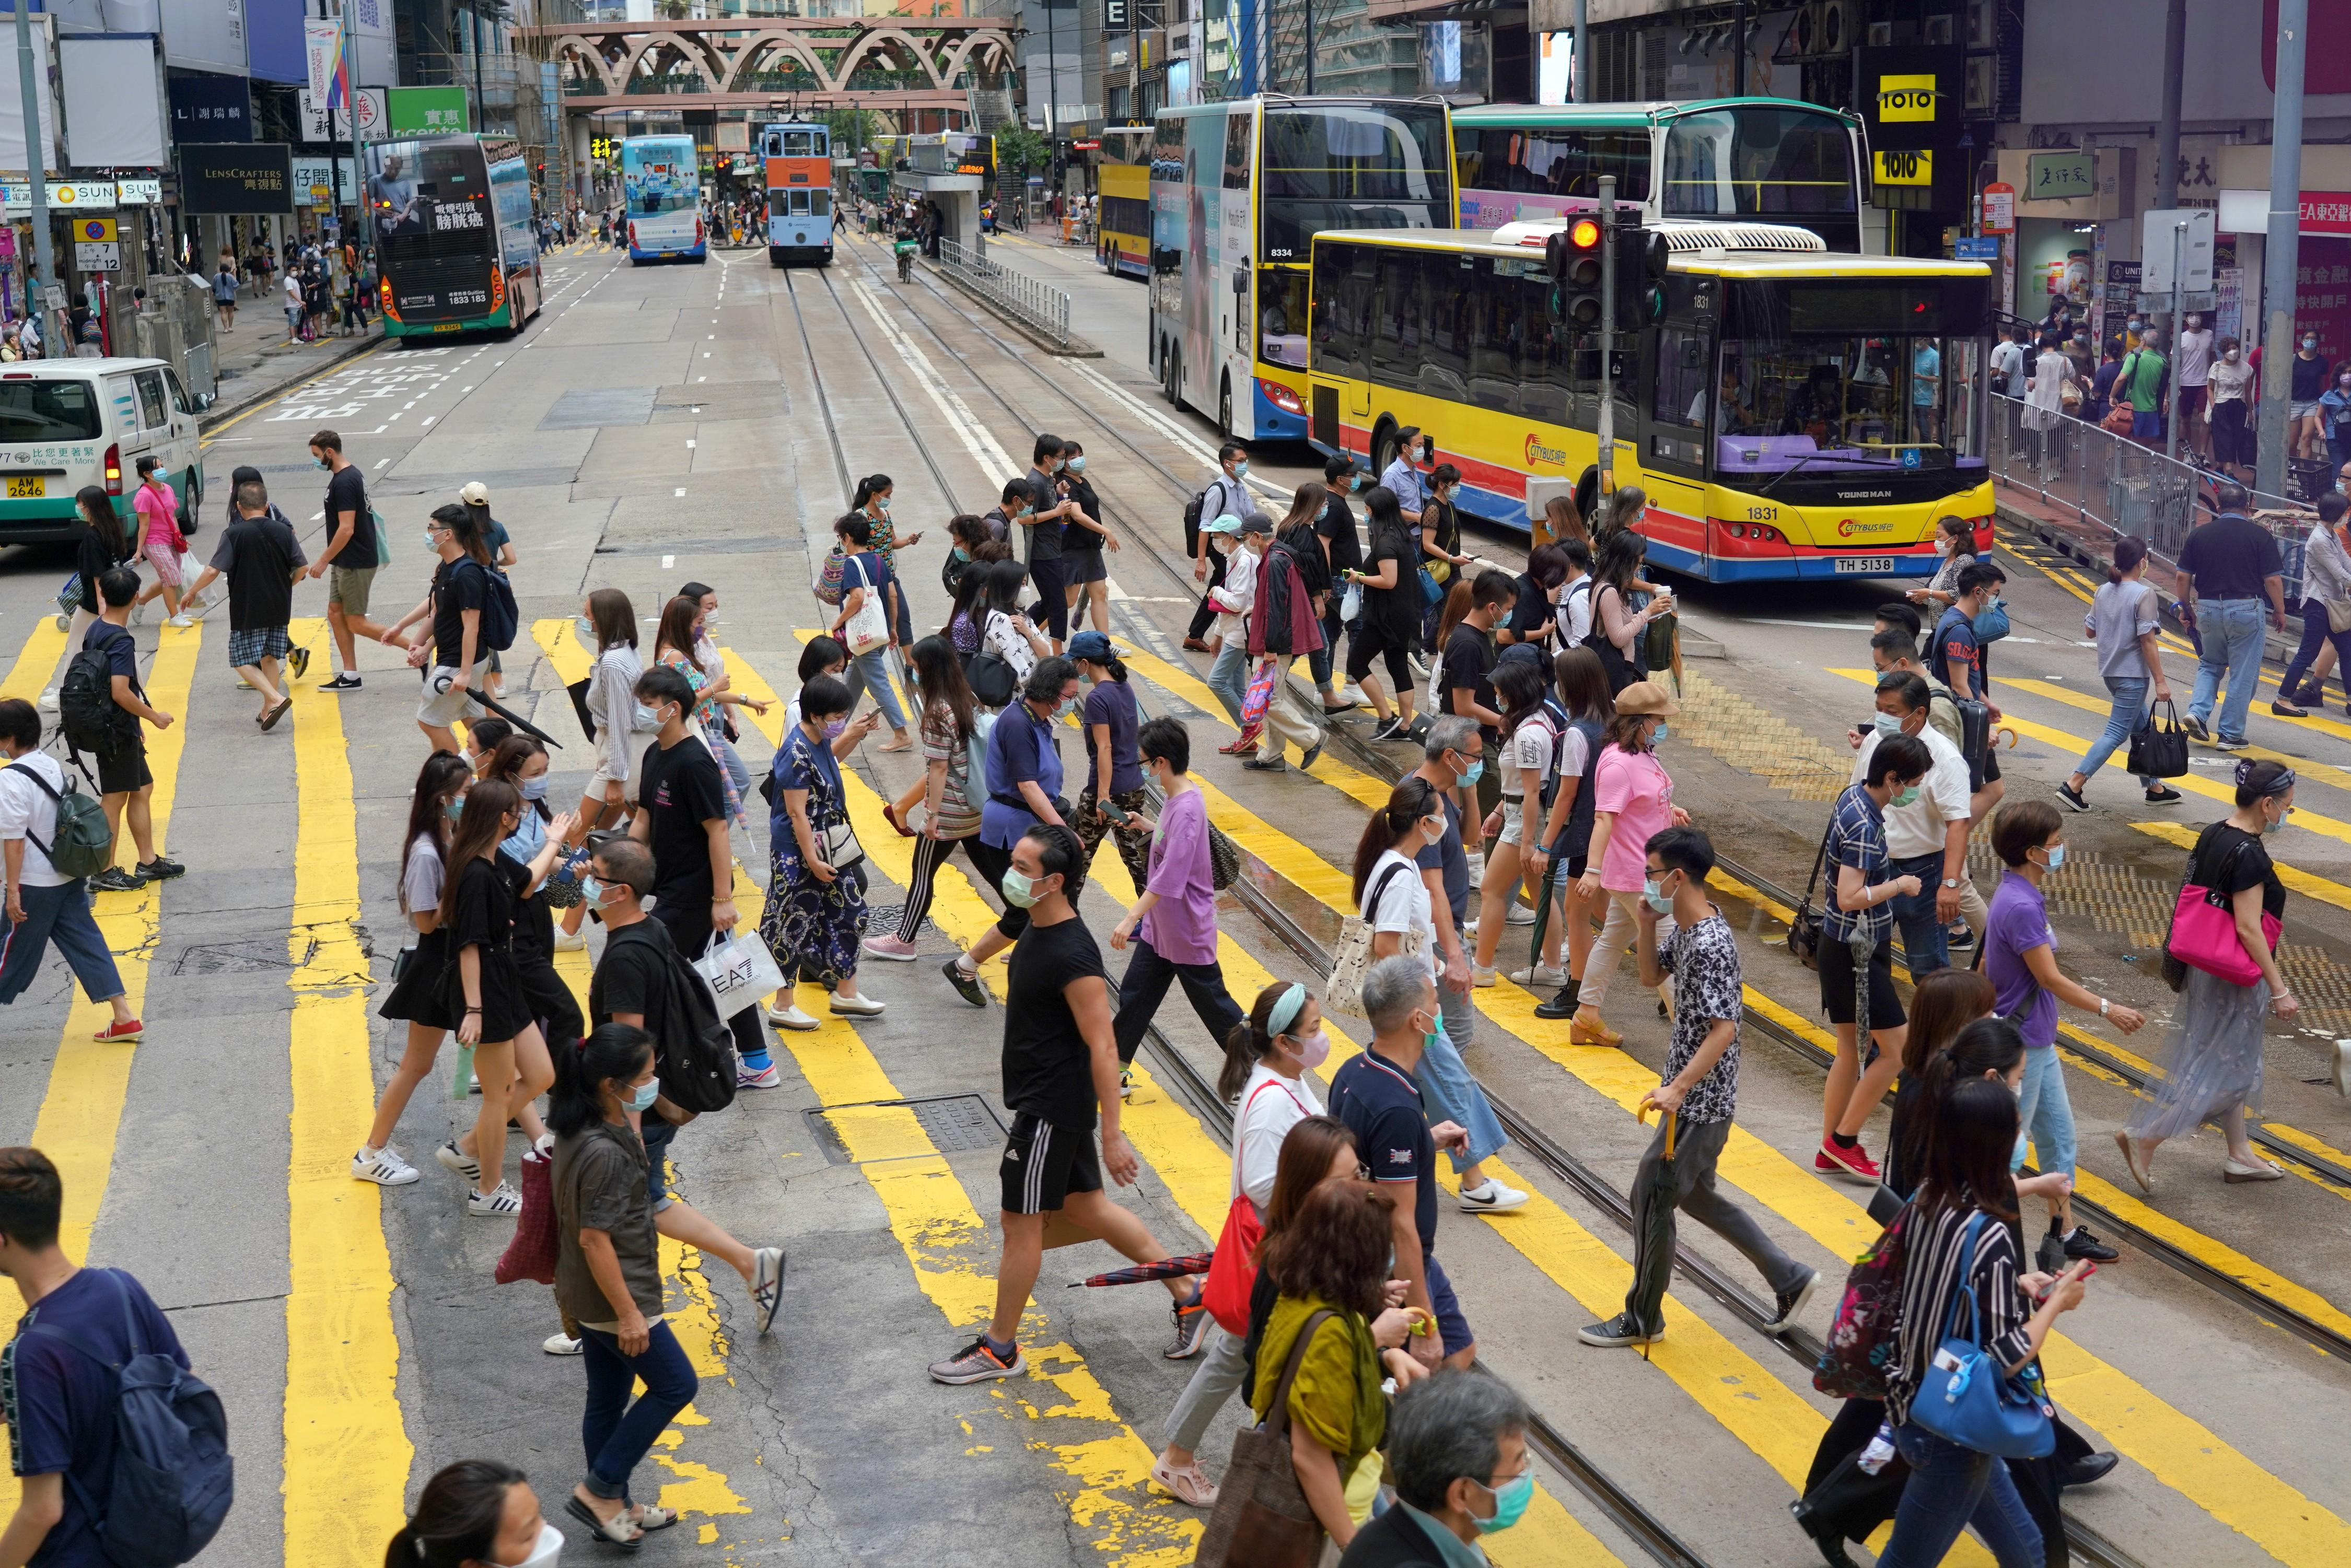 People walk in Hong Kong on September 8.